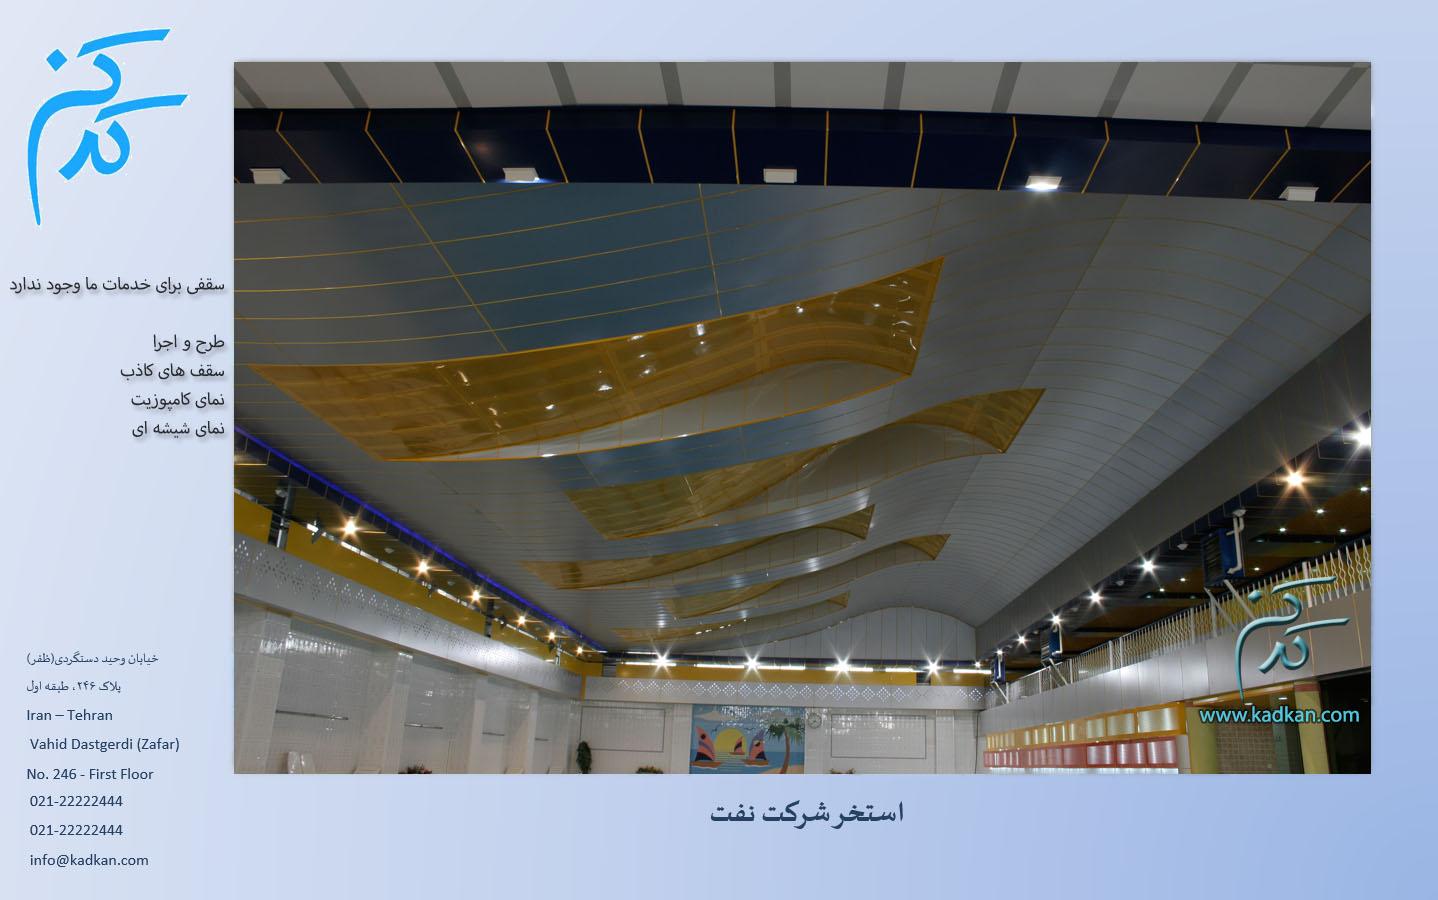 مدل پلاک وحید سقف کاذب   نما   شرکت ساختمانی   کدکن